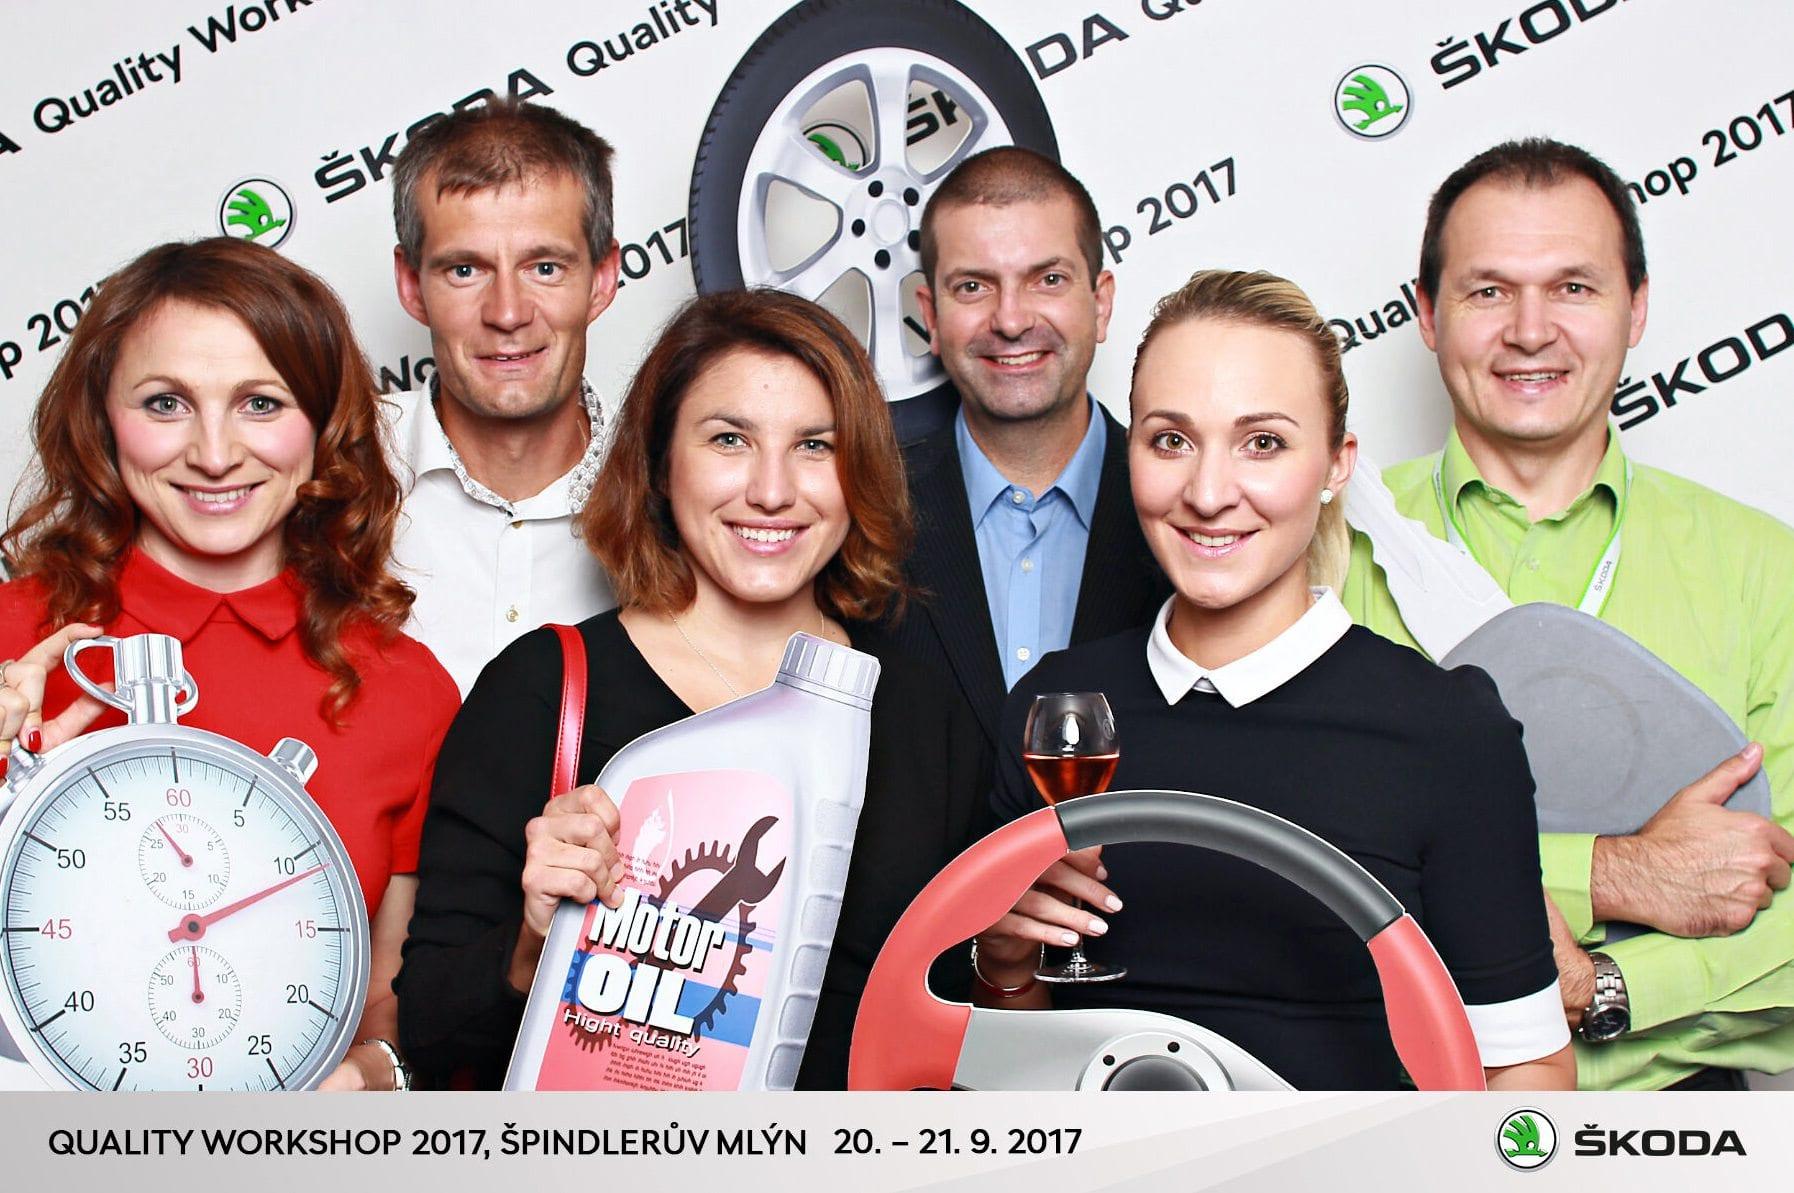 fotokoutek-skoda-quality-workshop-20-9-2017-315612